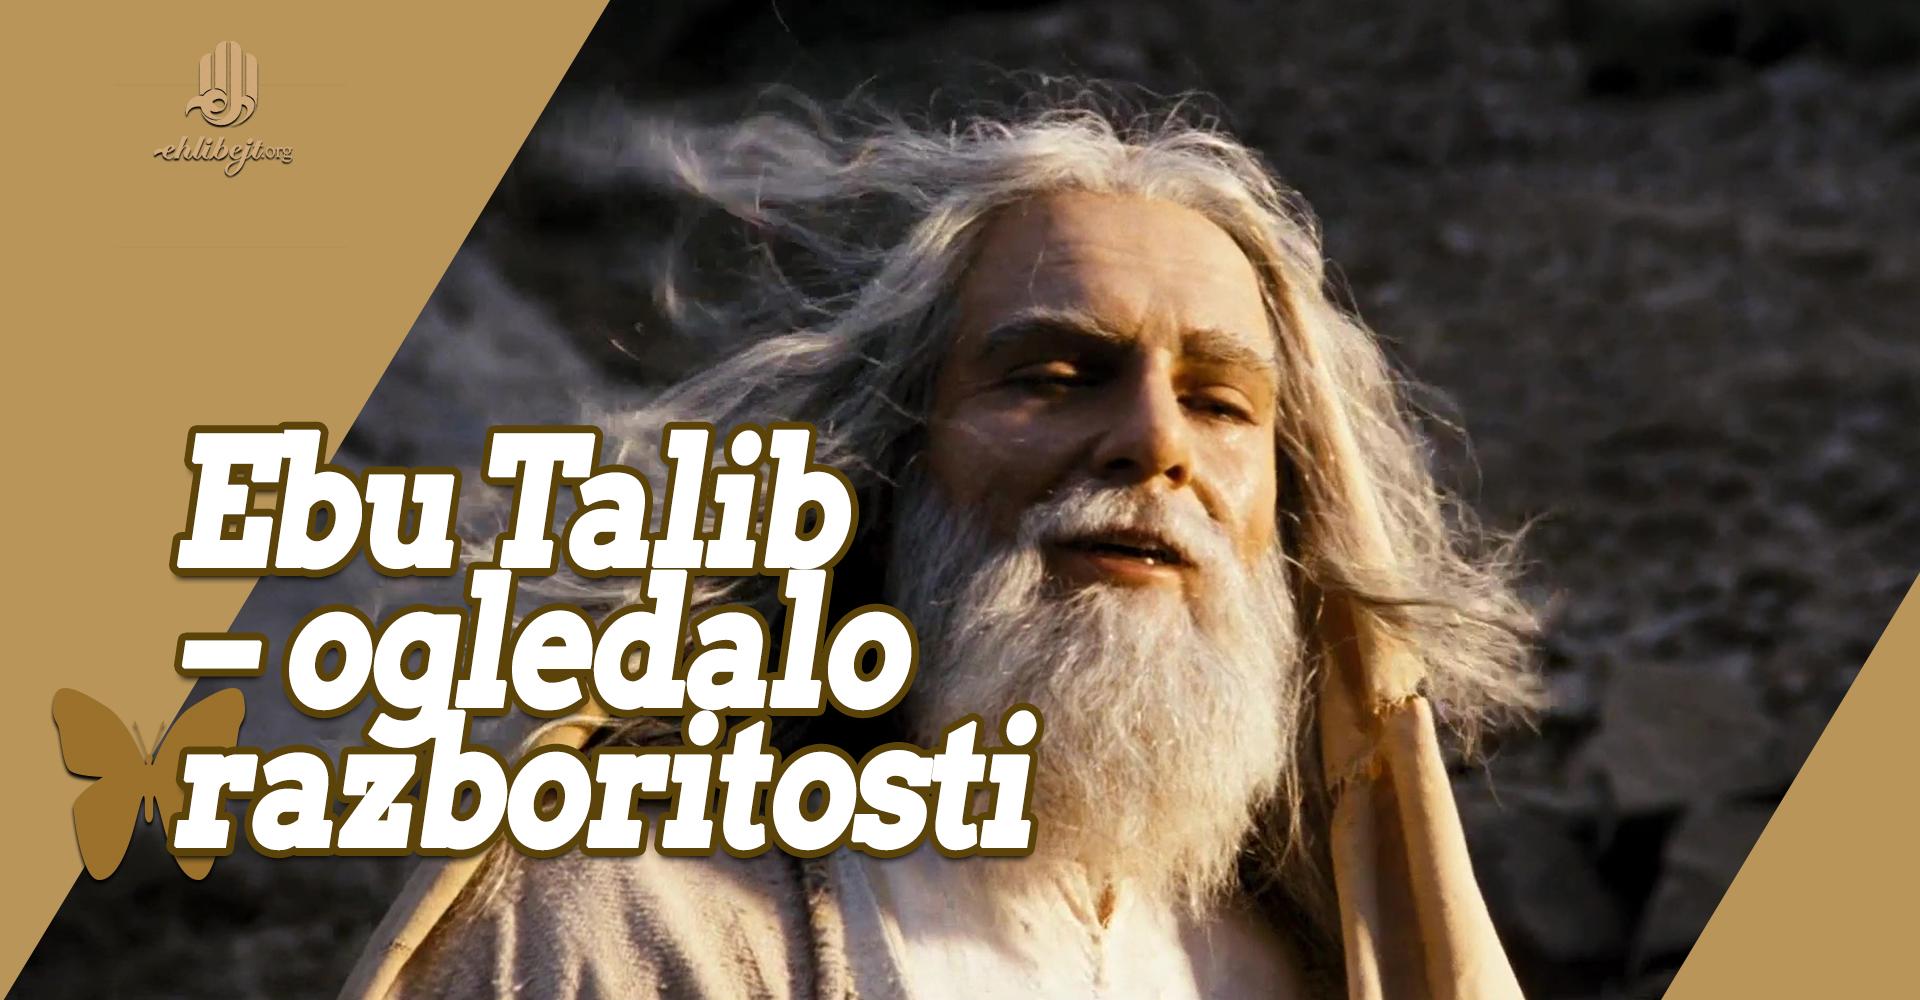 Ebu Talib – ogledalo razboritosti i postojanosti